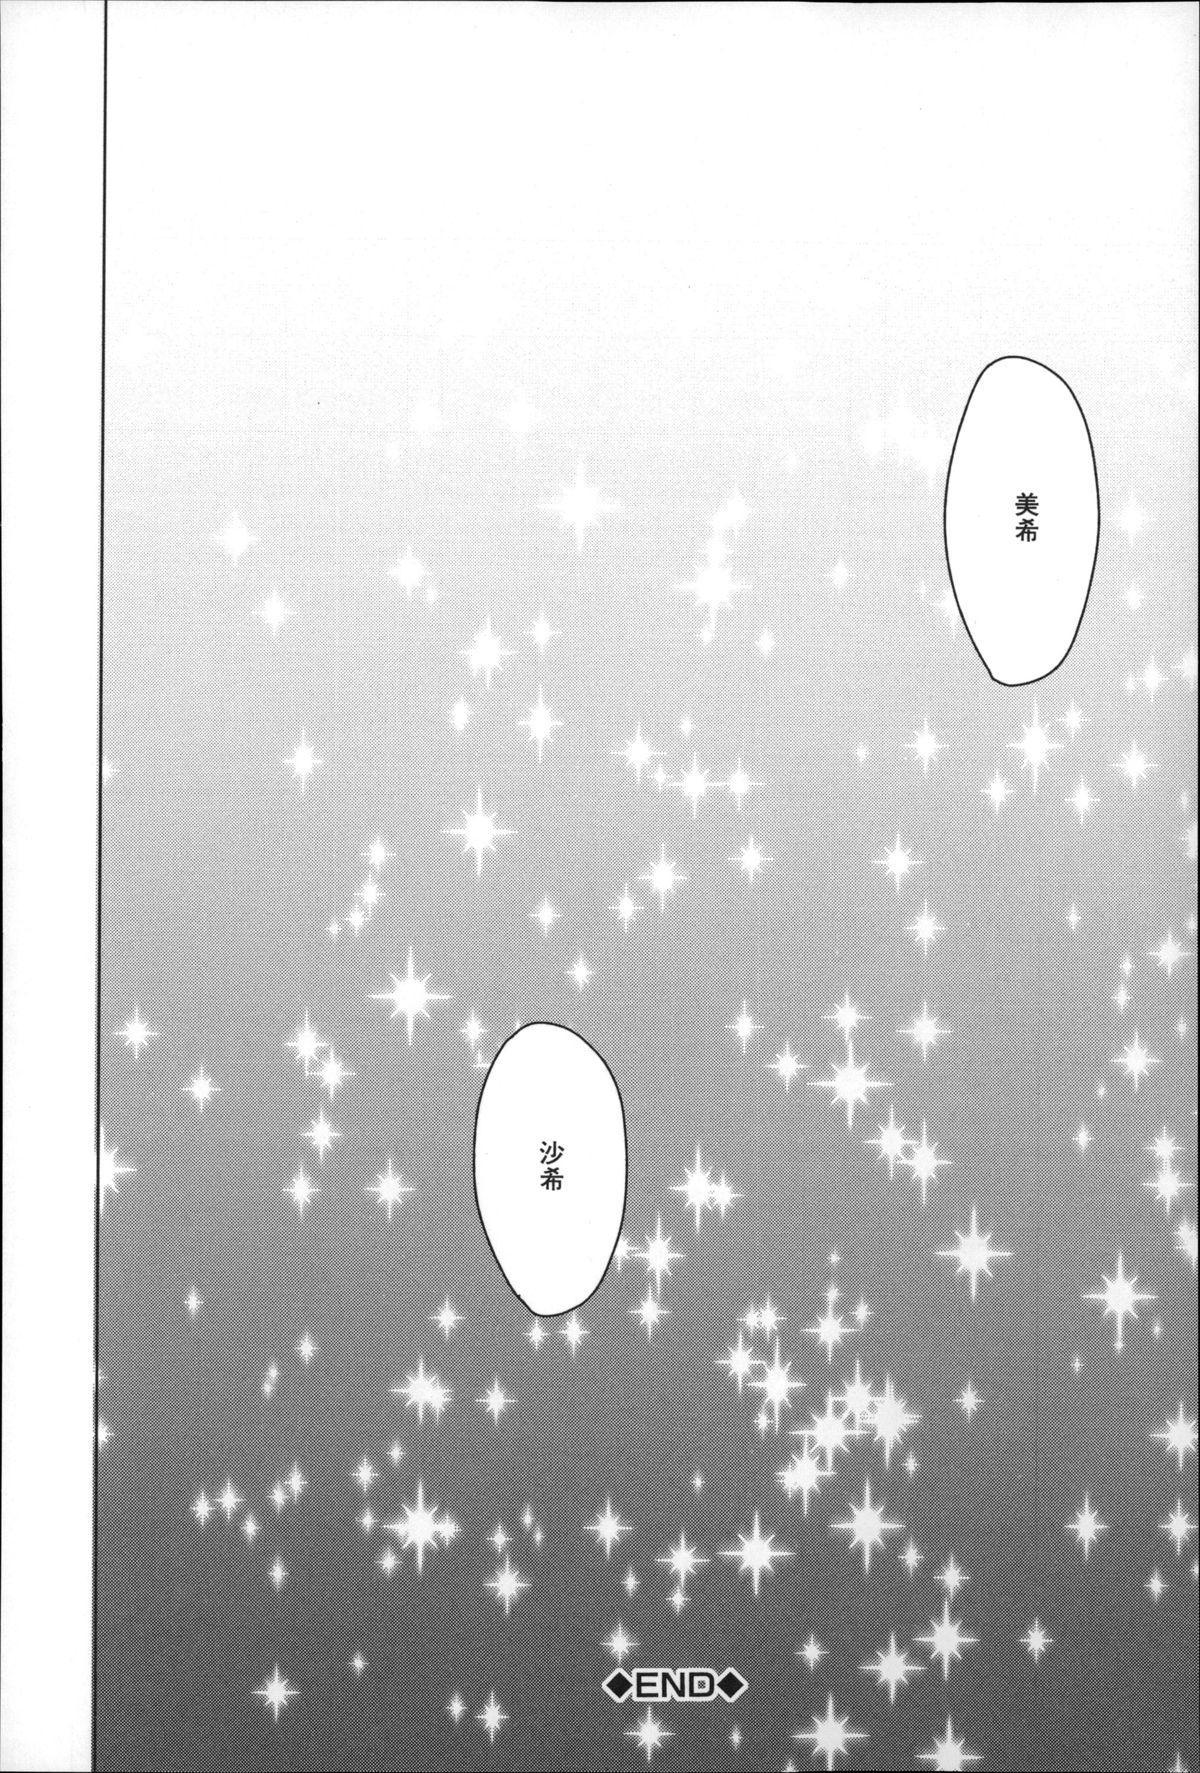 Migite ga Bishoujo ni Natta kara Sex Shita kedo Doutei dayone!! 190